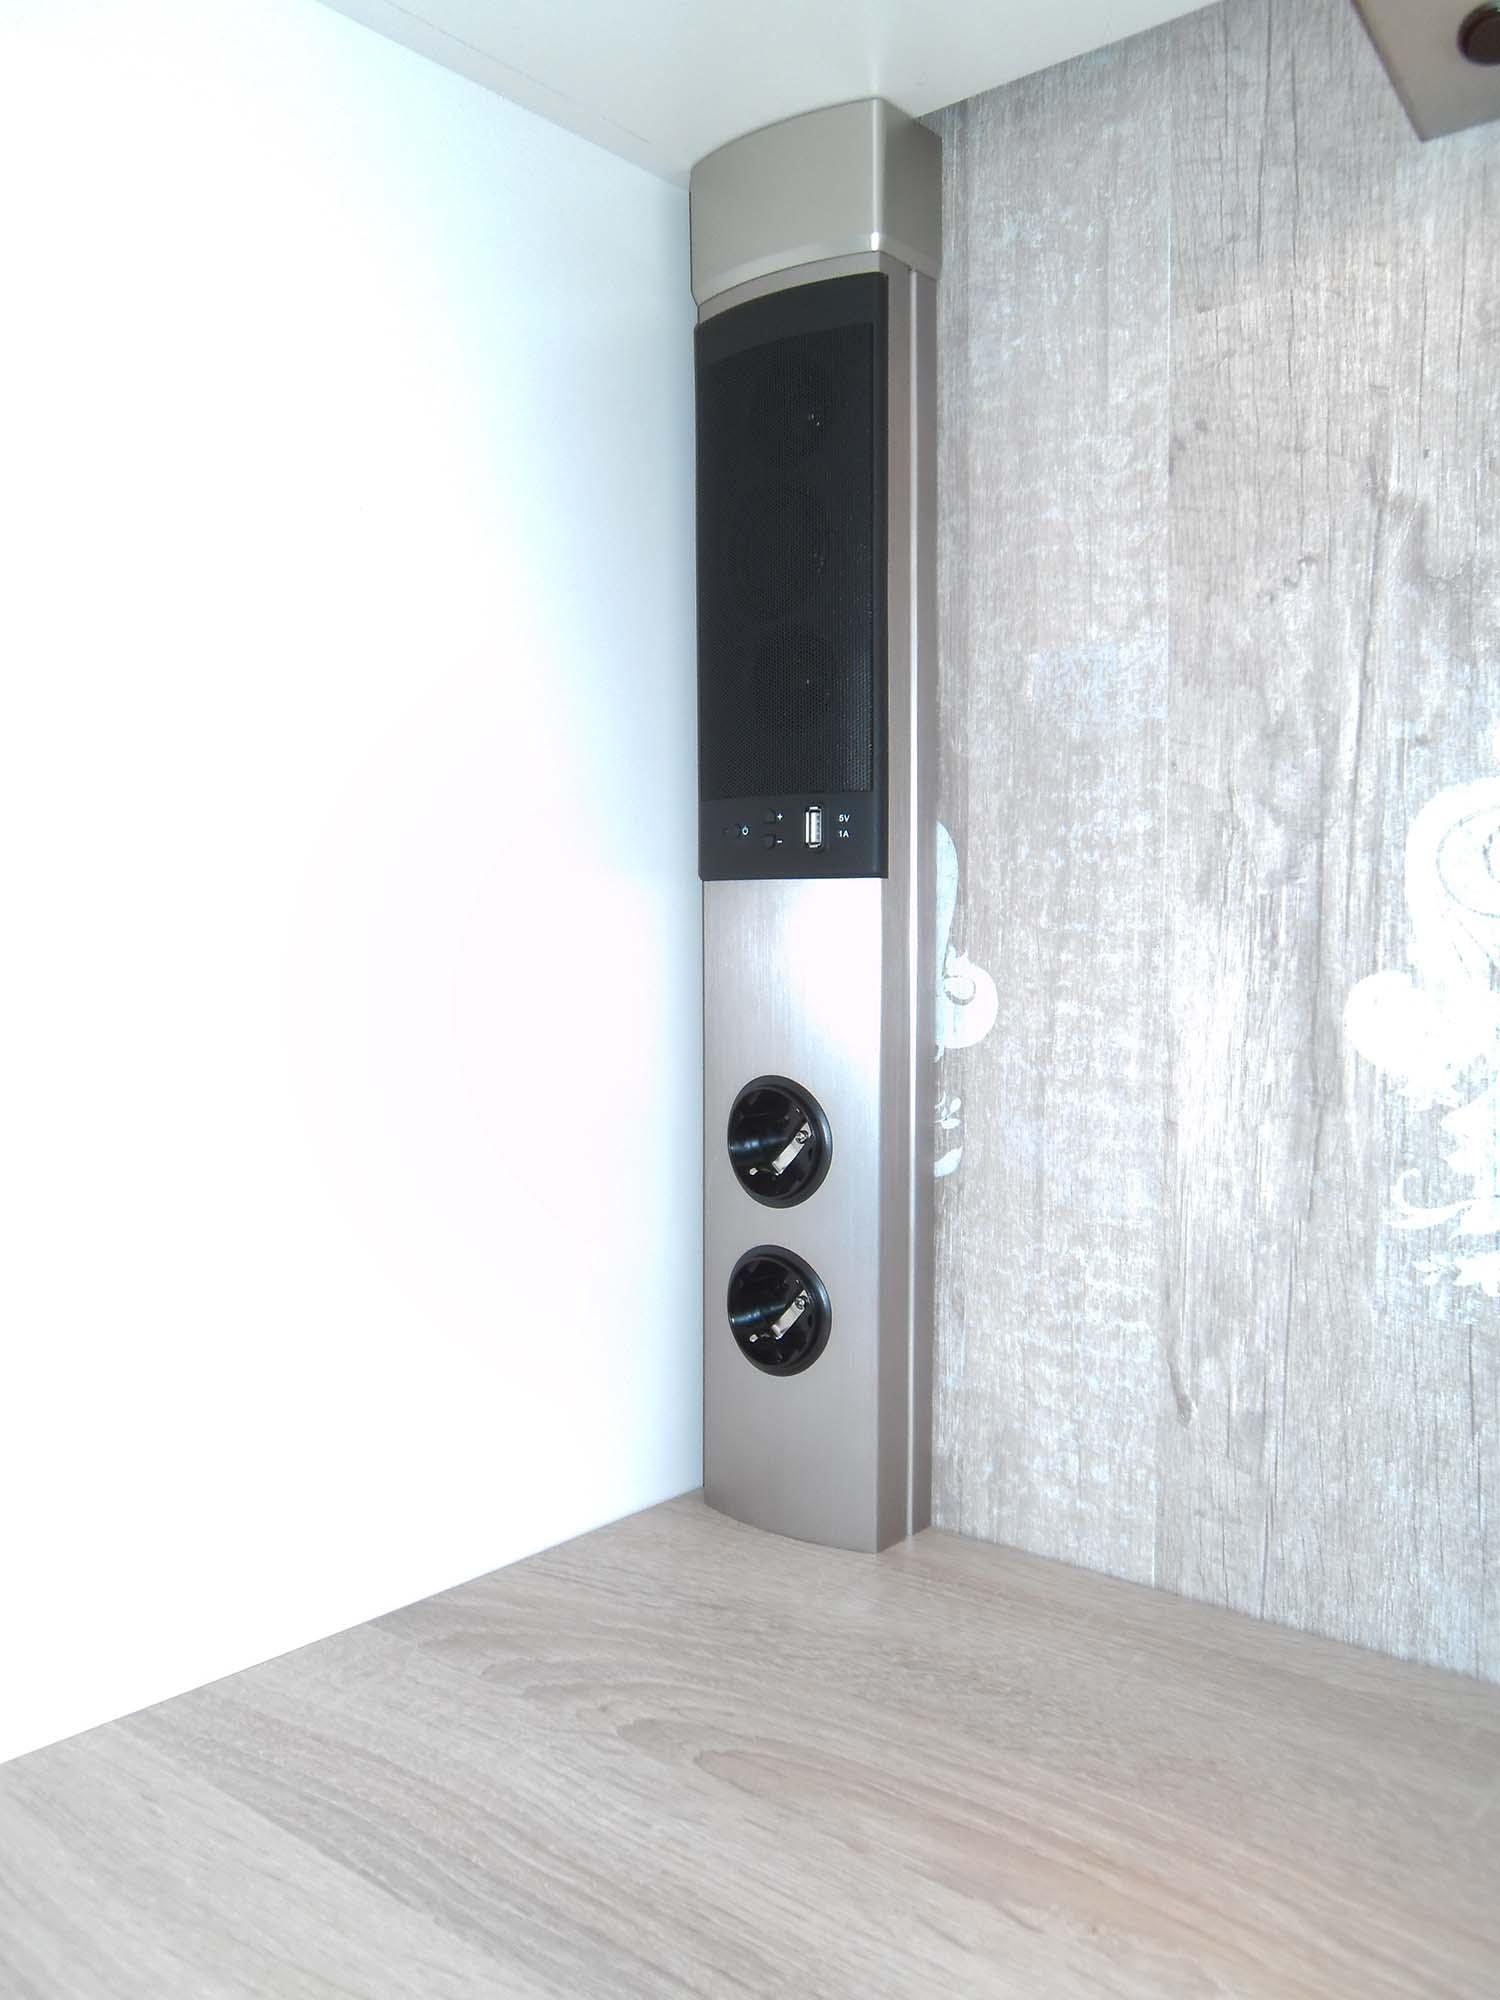 Steckdosenleiste mit int. Radio, Lautsprecher und Bluetooth Empfänger